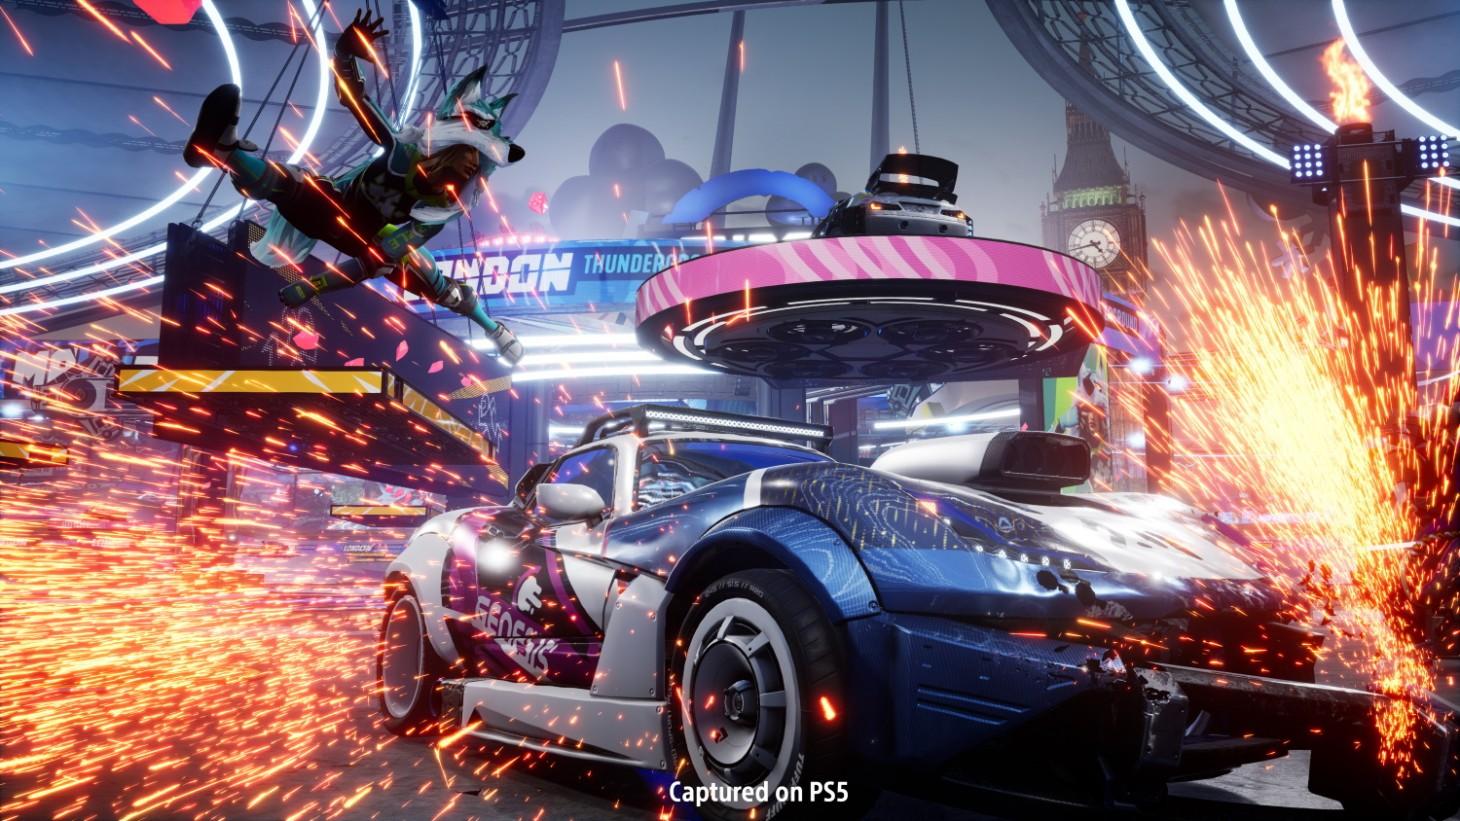 Game image Destruction AllStars